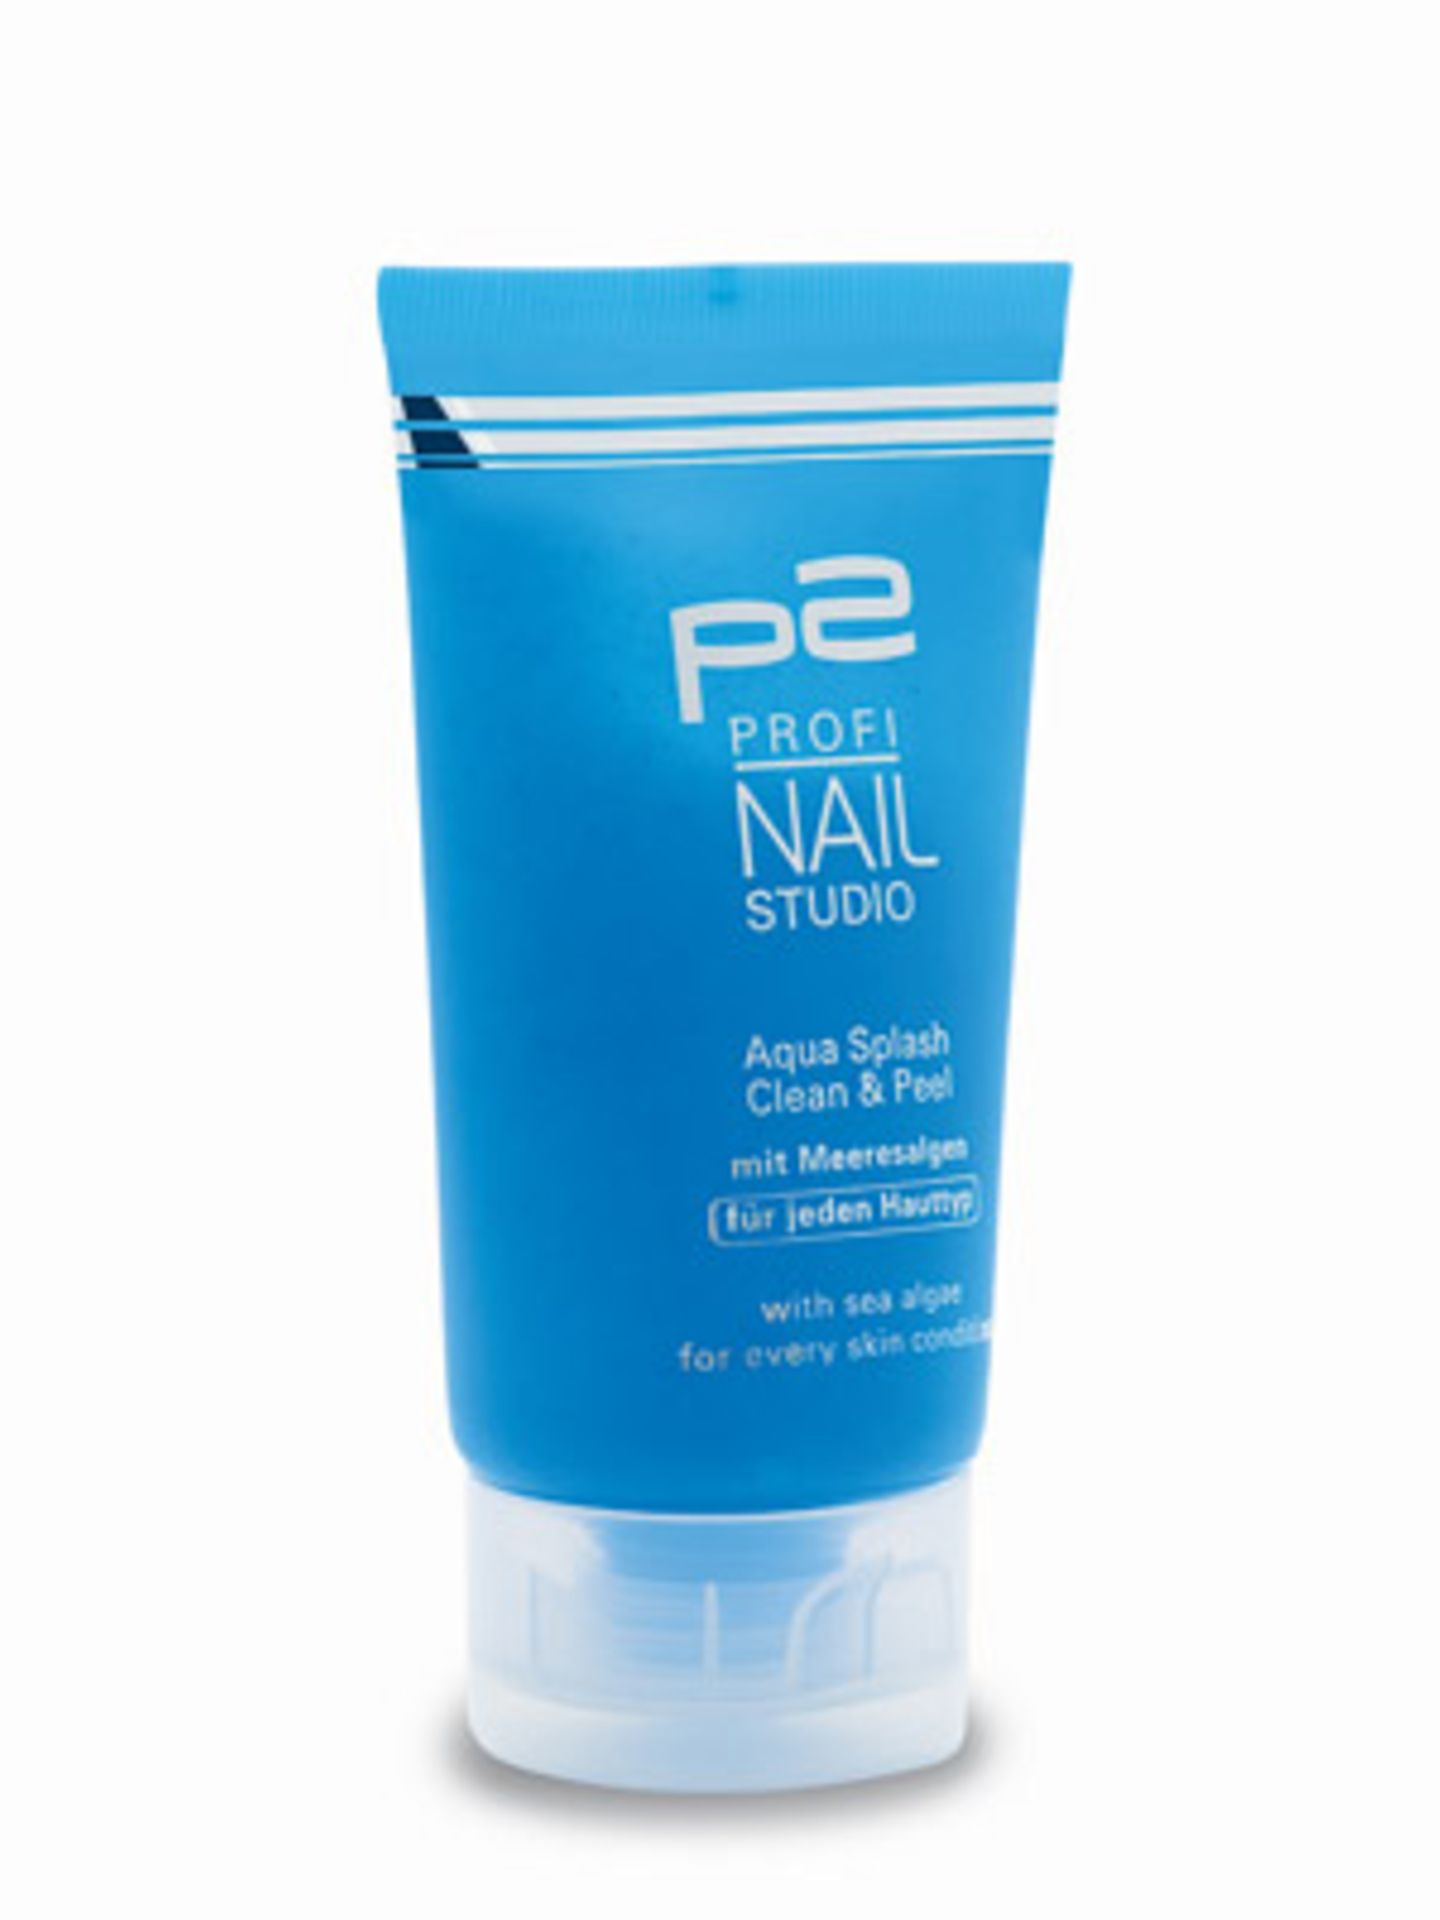 Reinigungsgel mit Peeling-Effekt für die Hände von P2, ca. 2,50 Euro.